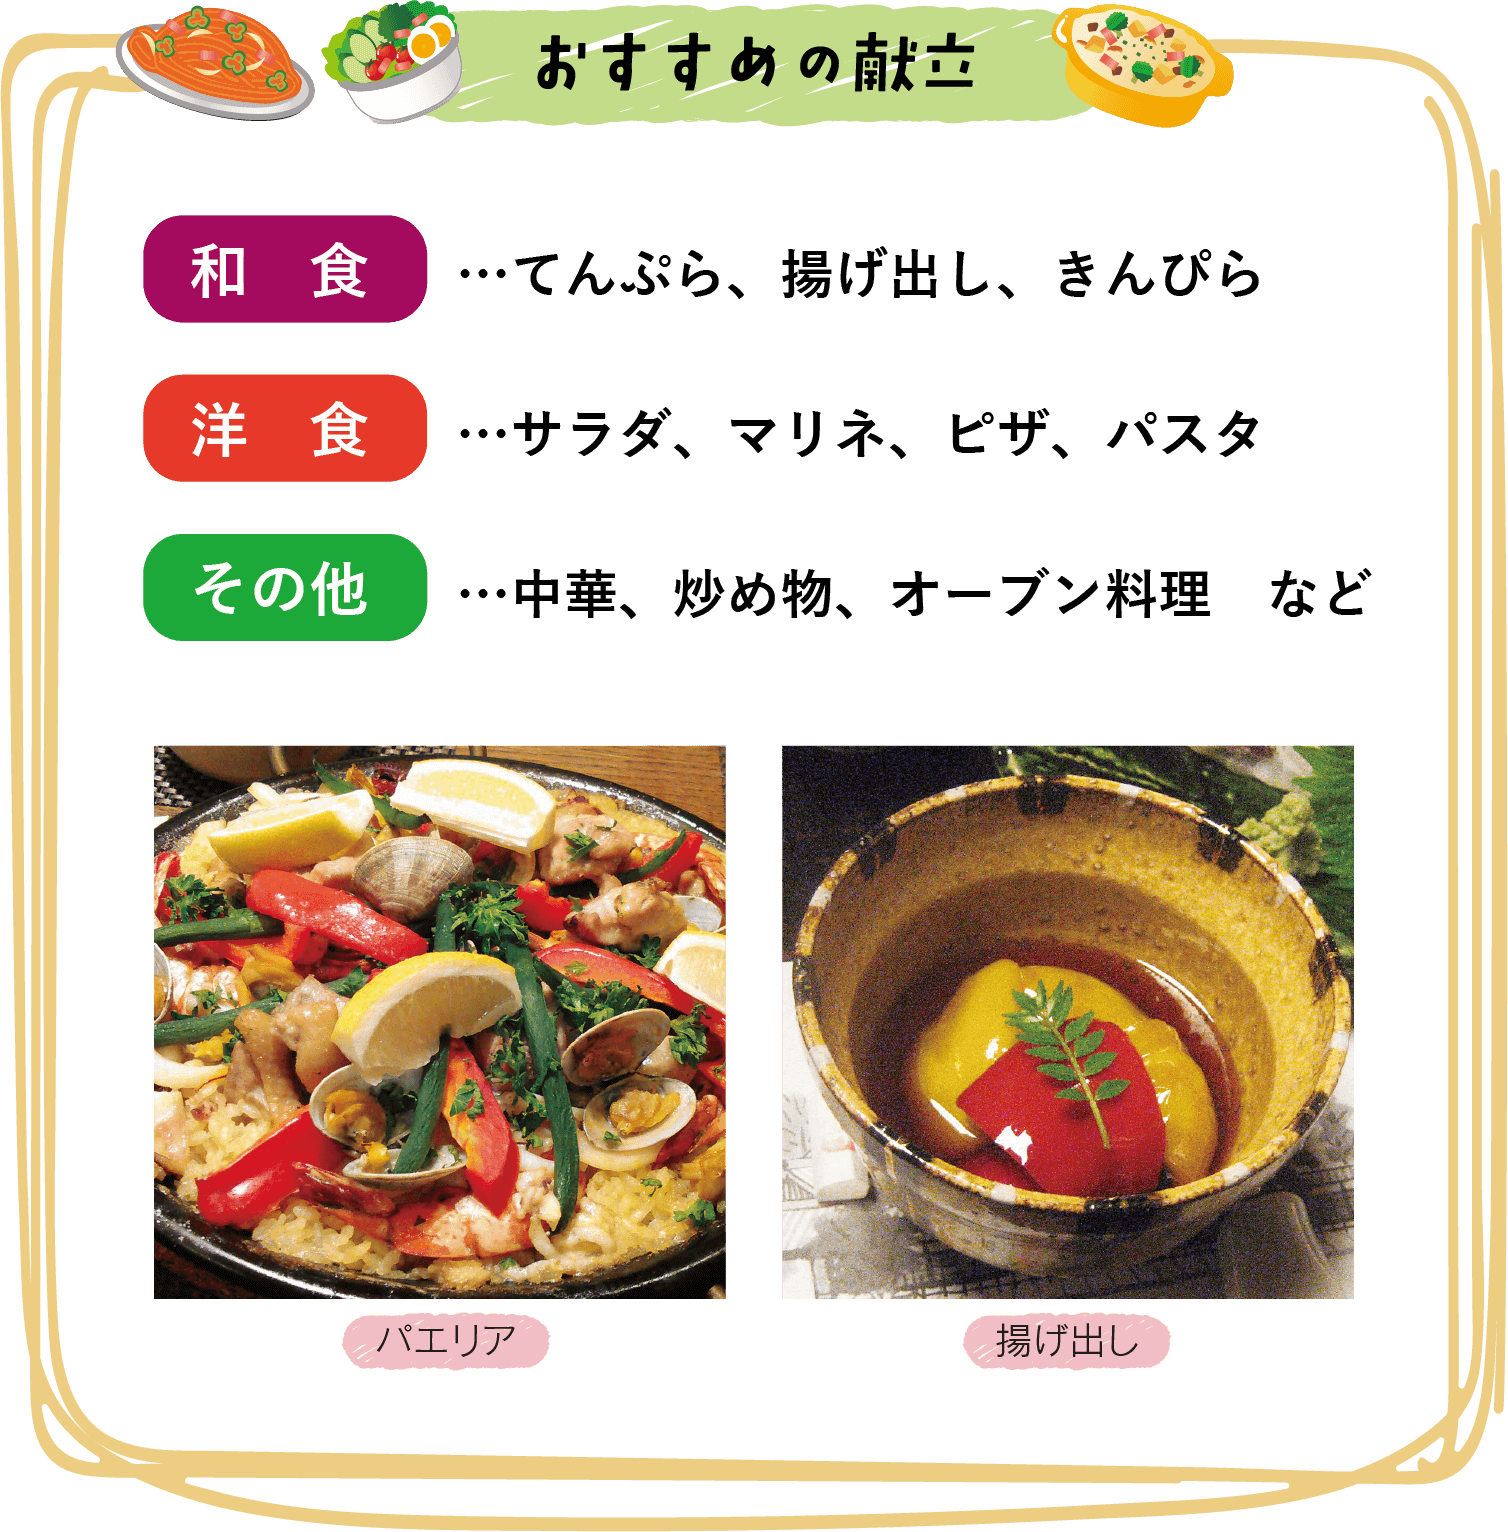 おすすめの献立 和食…天ぷら、揚げ出し、きんぴら 洋食…サラダ、マリネ、ピザ、パスタ その他…中華、炒め物、オーブン料理 など